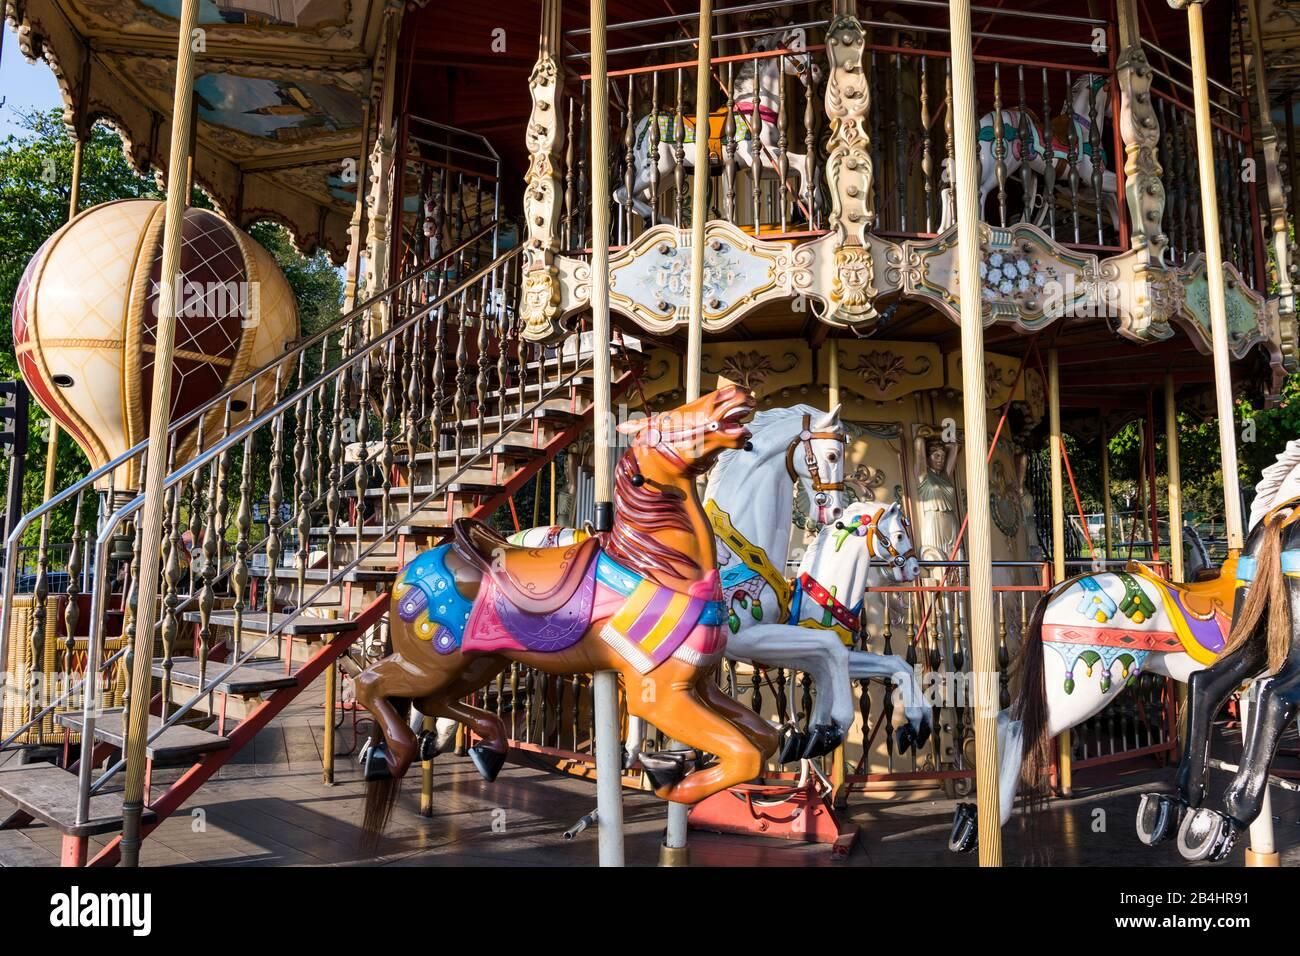 altes, historisches Kinderkarussell mit bunt bemalten Reitpferden, Paris, Frankreich, Europa Stock Photo